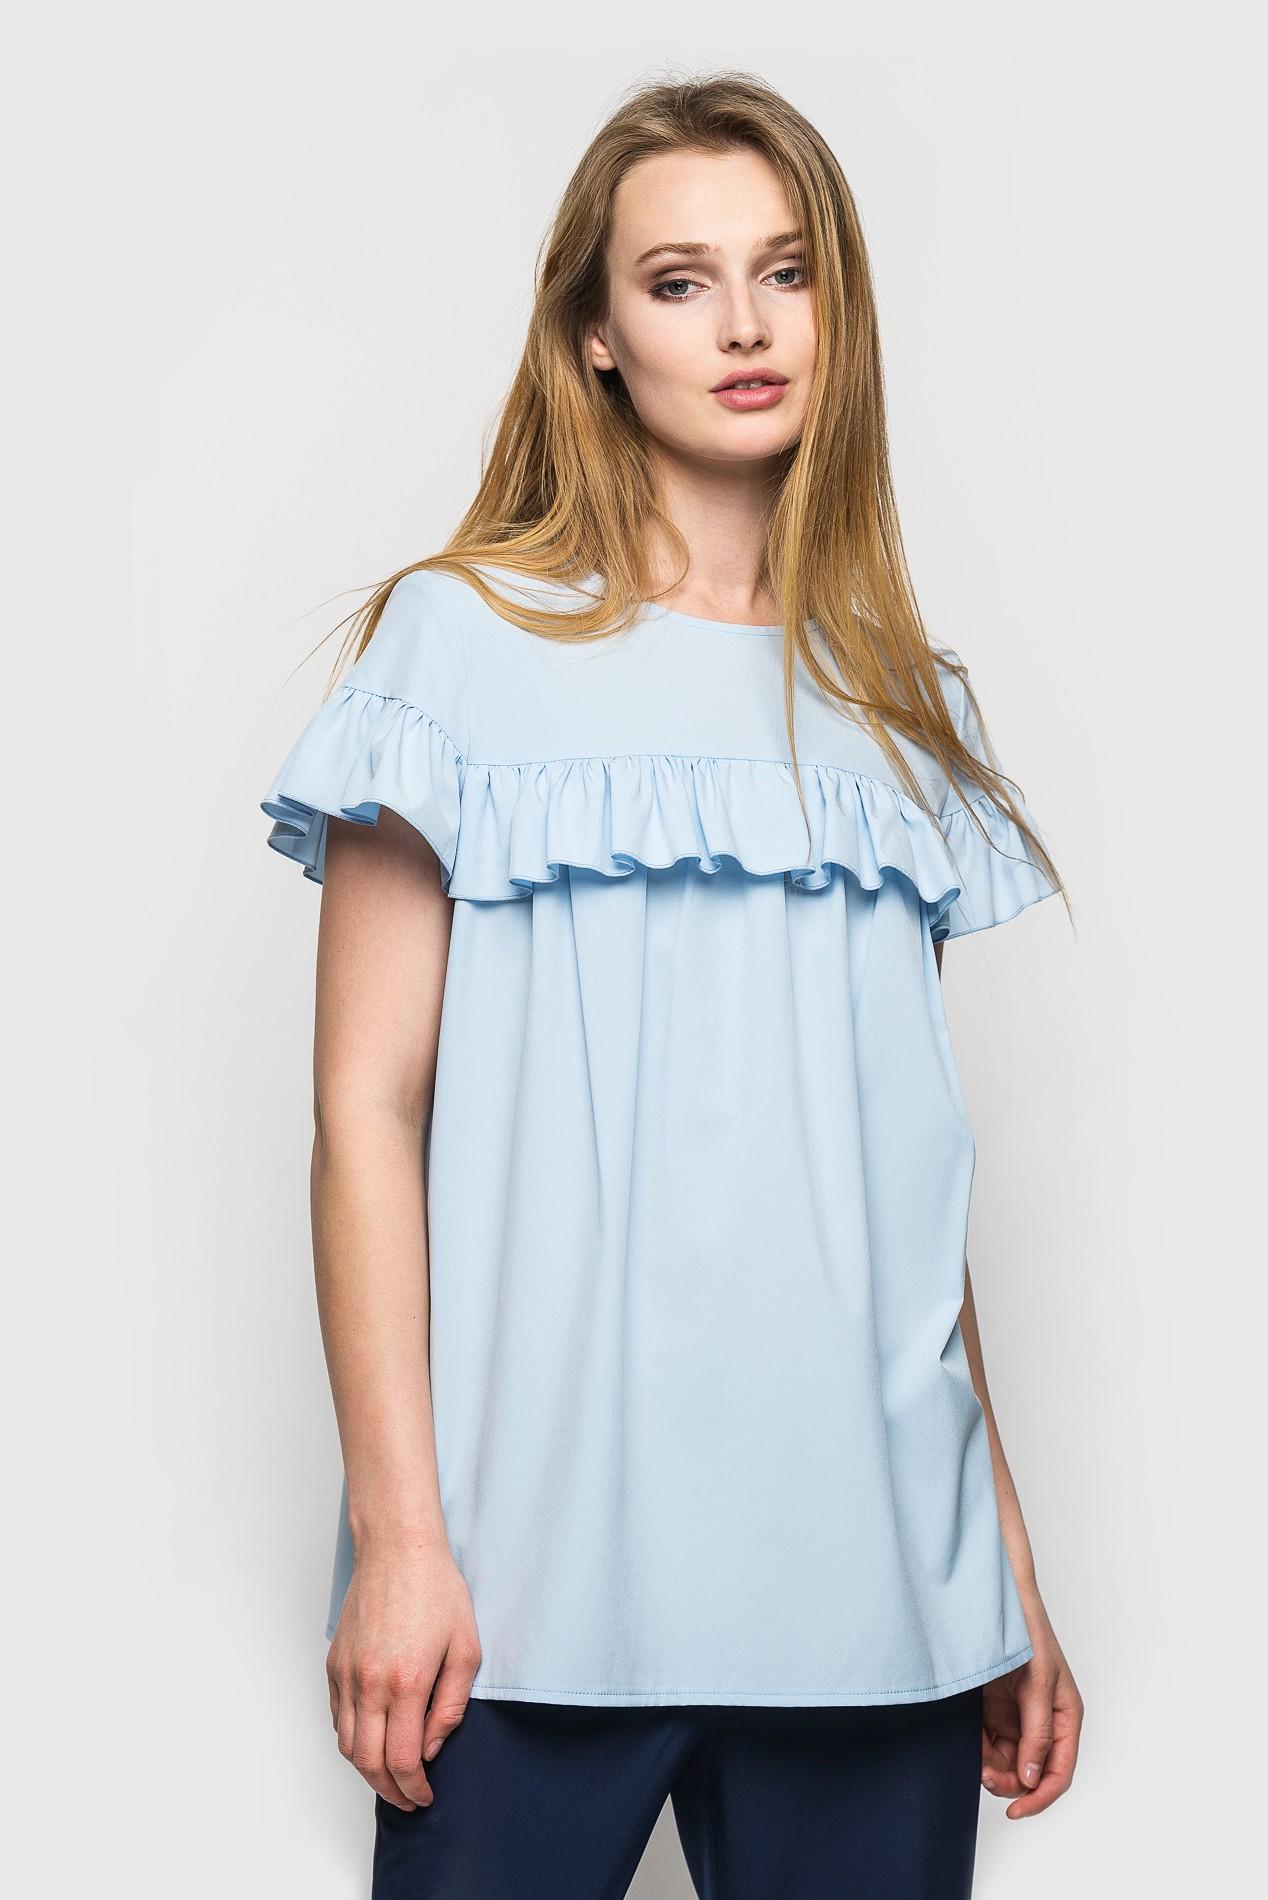 мода весна лето 2018 для женщин 30 лет: голубая блузка с рюшами